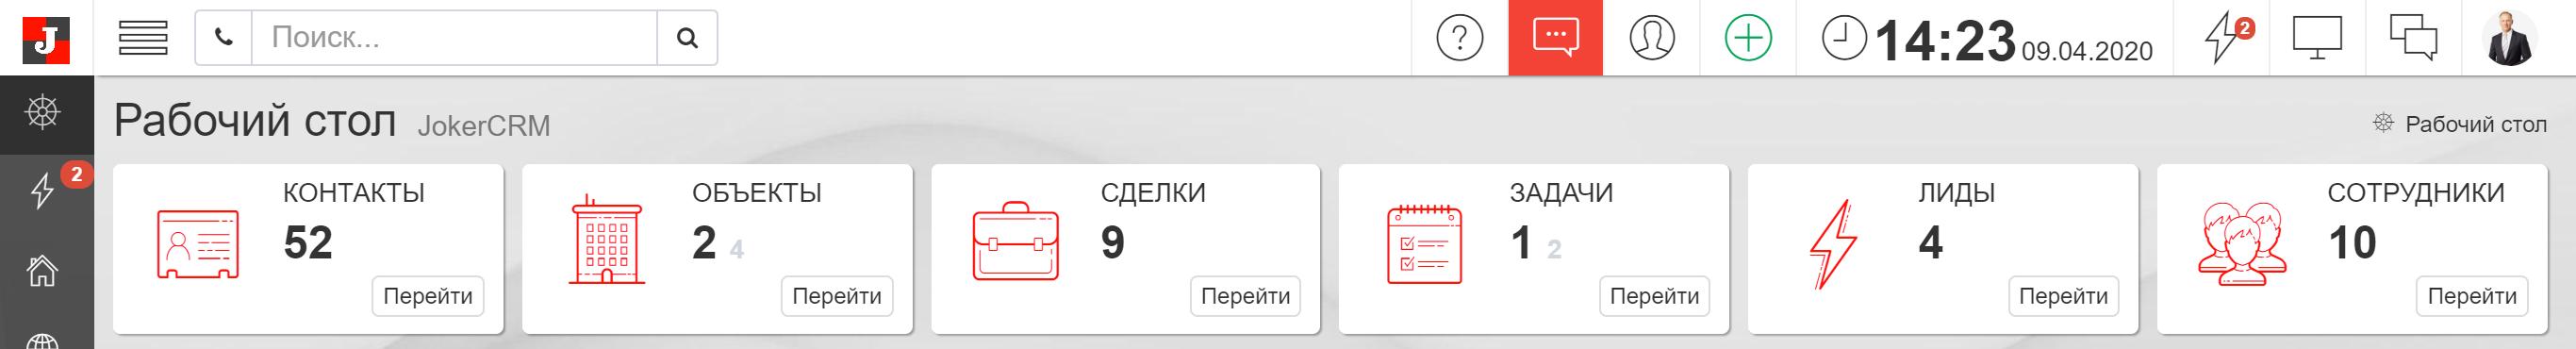 vk_notify